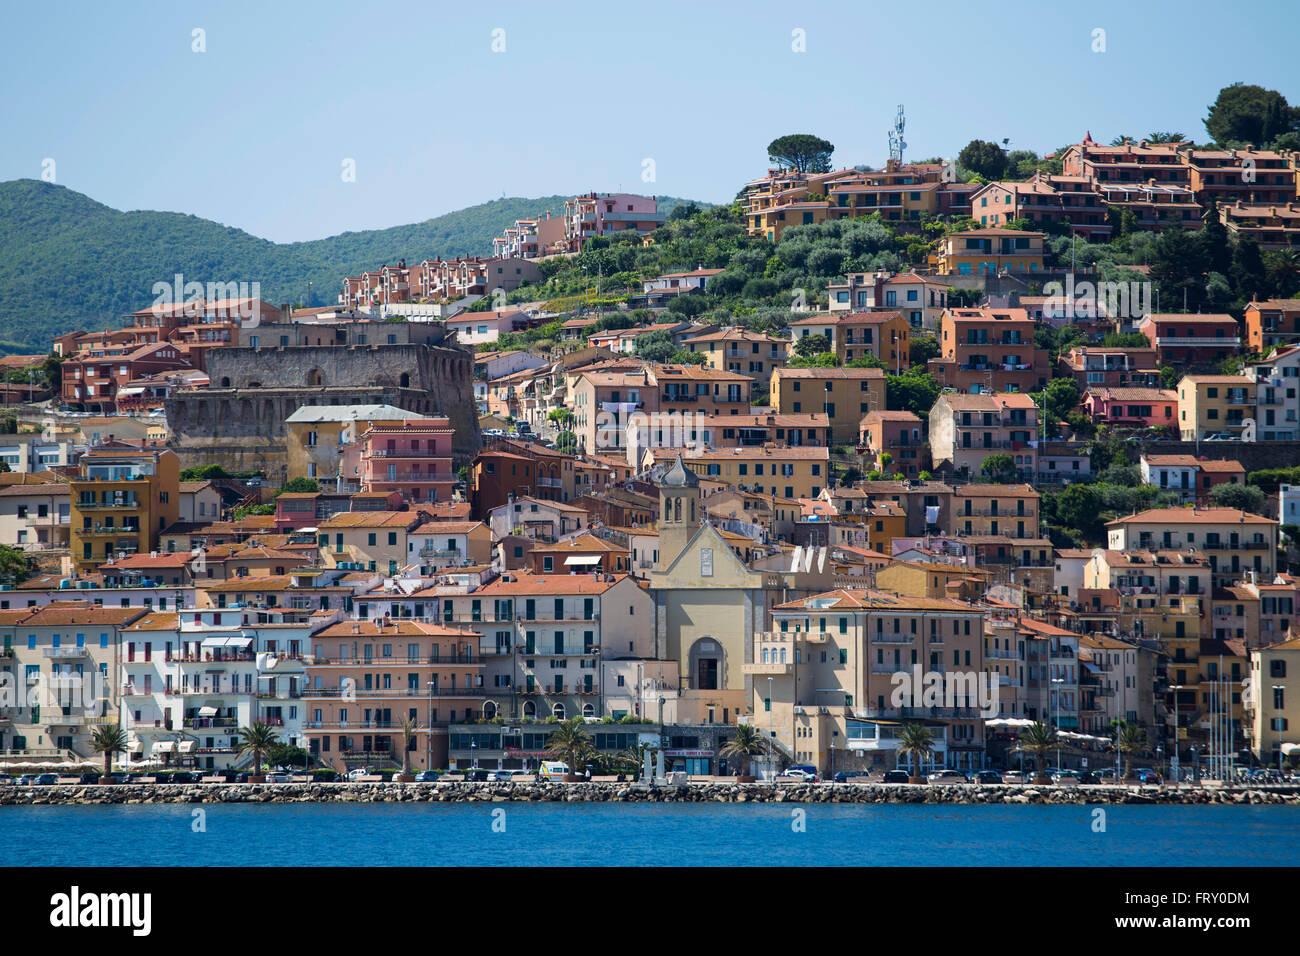 Porto Santo Stefano, Tuscany, Italy Stock Photo